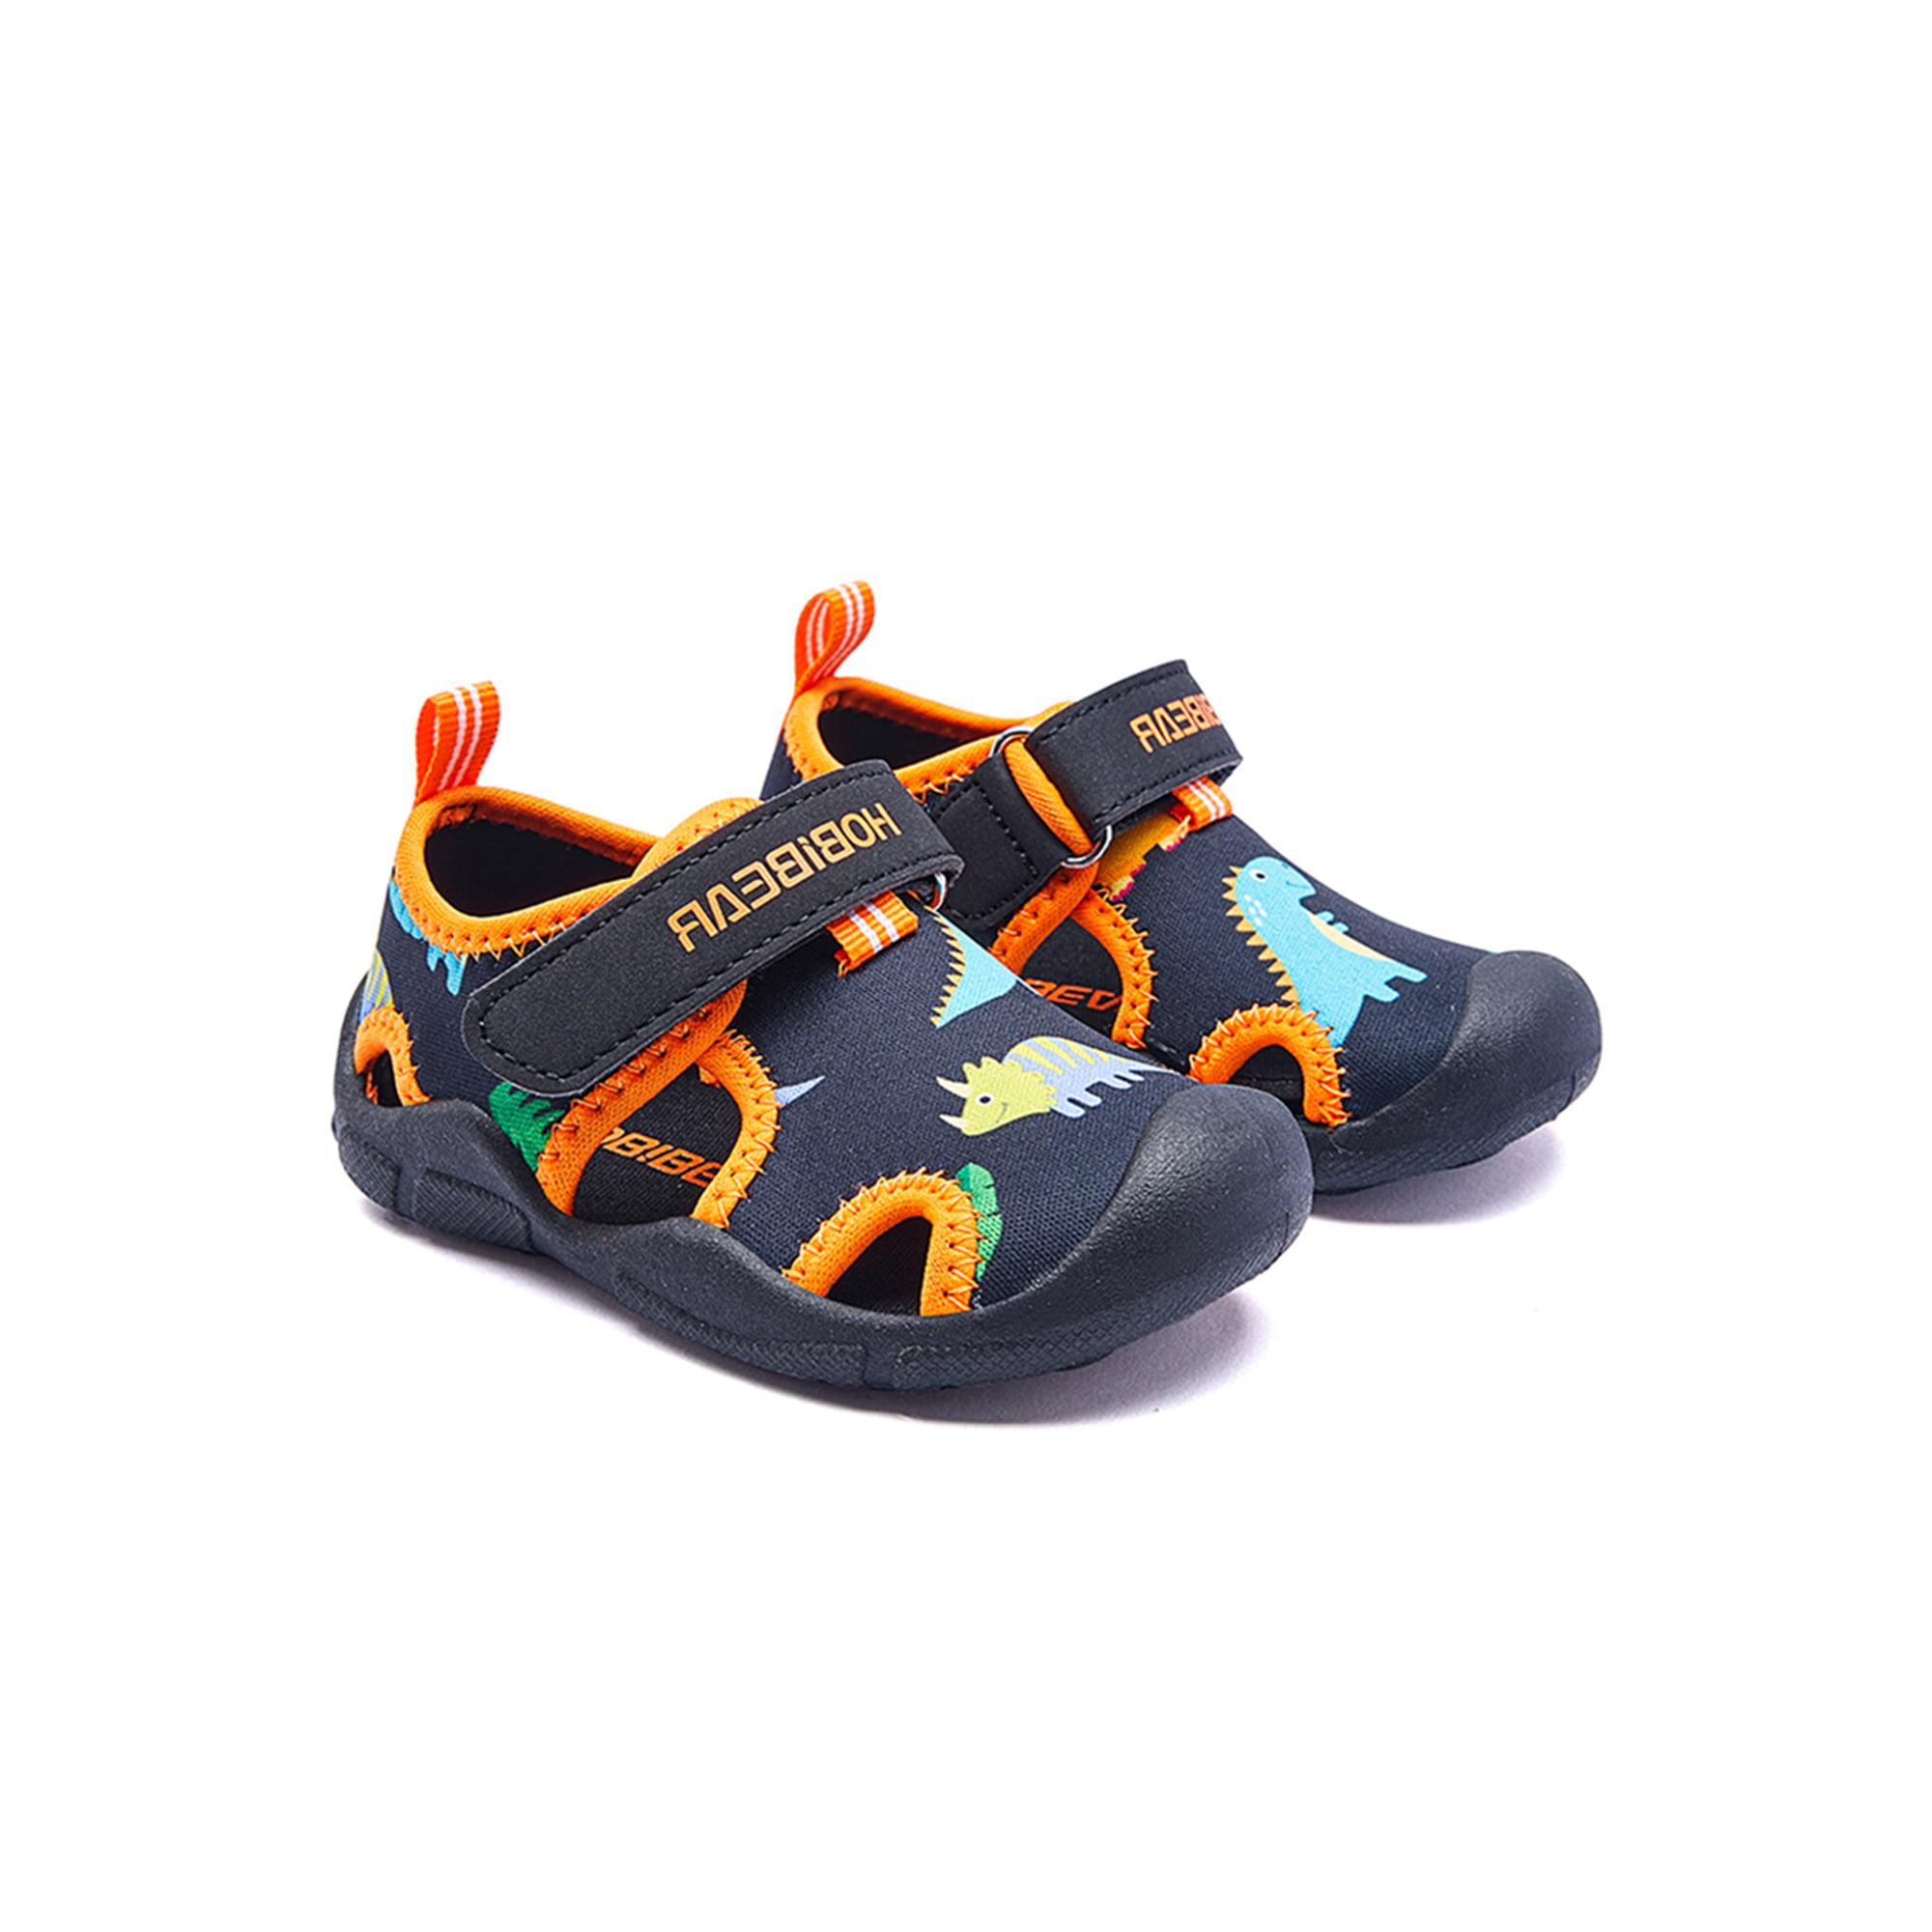 Own Shoe - Summer Closed-Toe Beach Sandals Boys Girls Lightweight Aqua  Water Sports Shoes for Kids(Toddler/Little Kid) - Walmart.com - Walmart.com